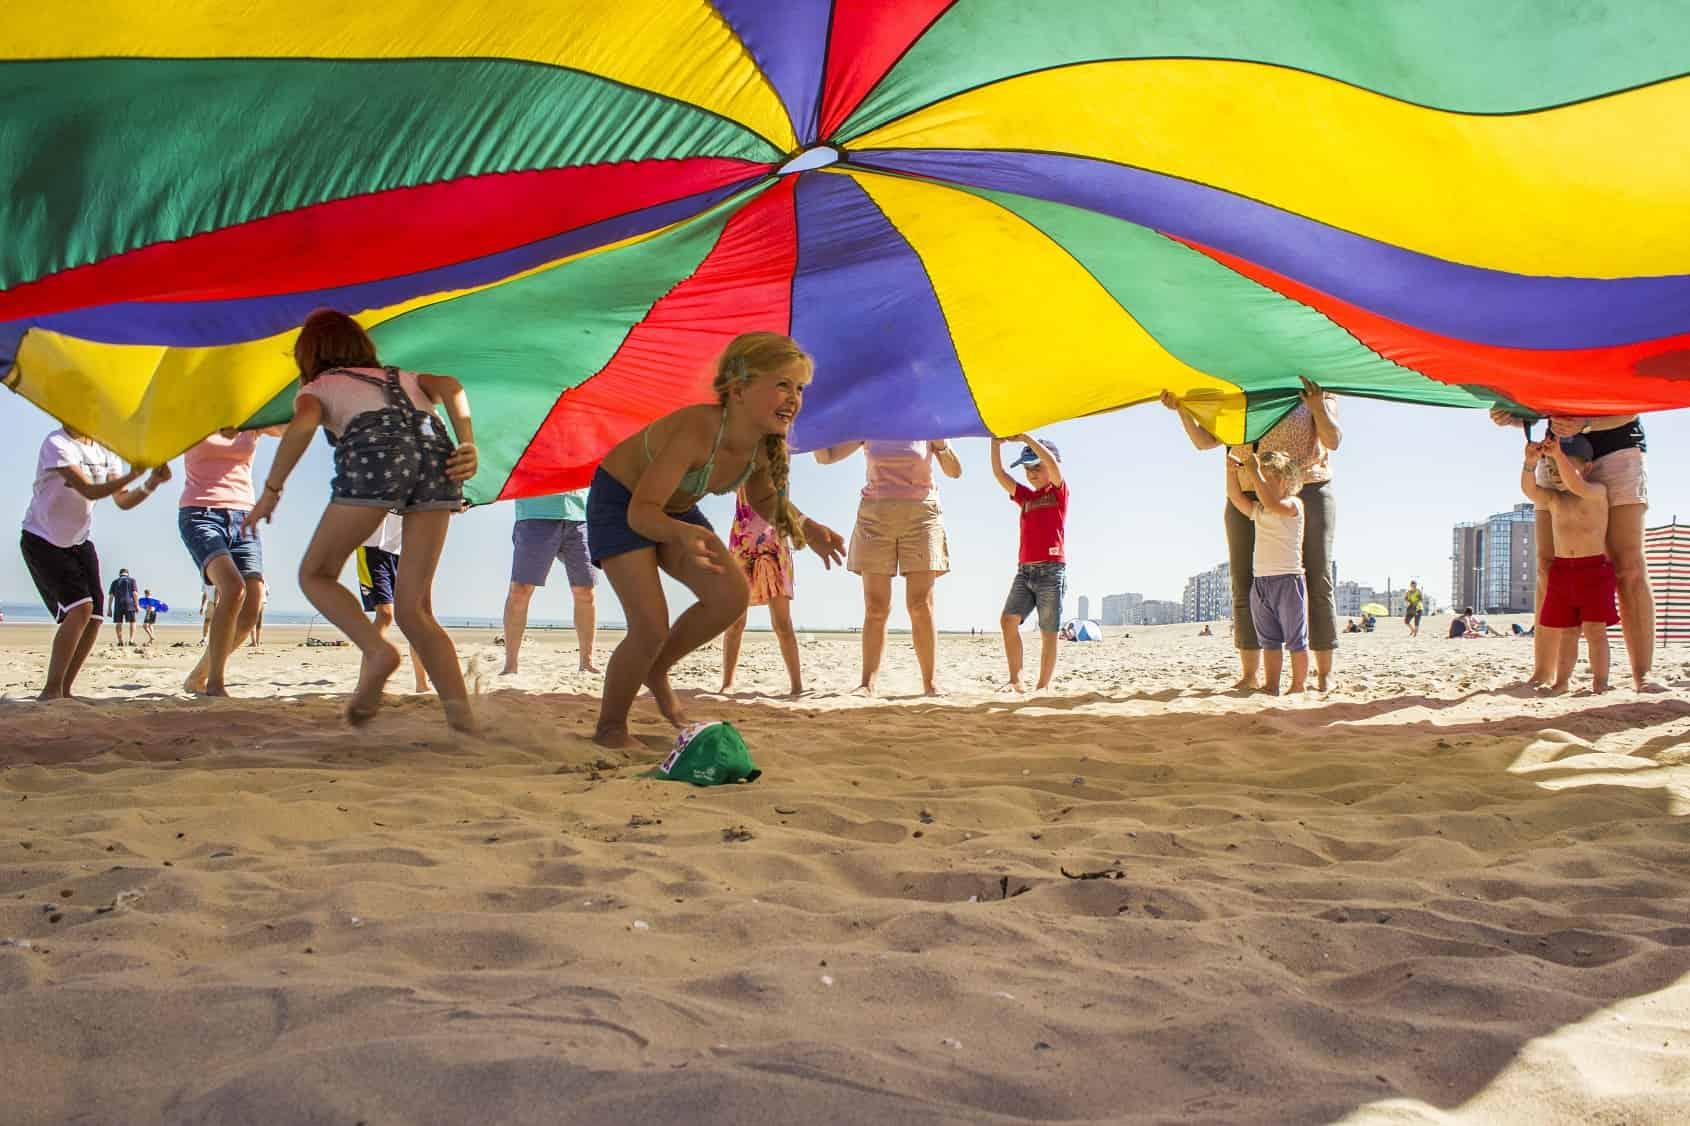 vakantie voor mensen met een laag inkomen, vakantiekamp, vakantie voor alleenstaande ouders, vakantie grootouders